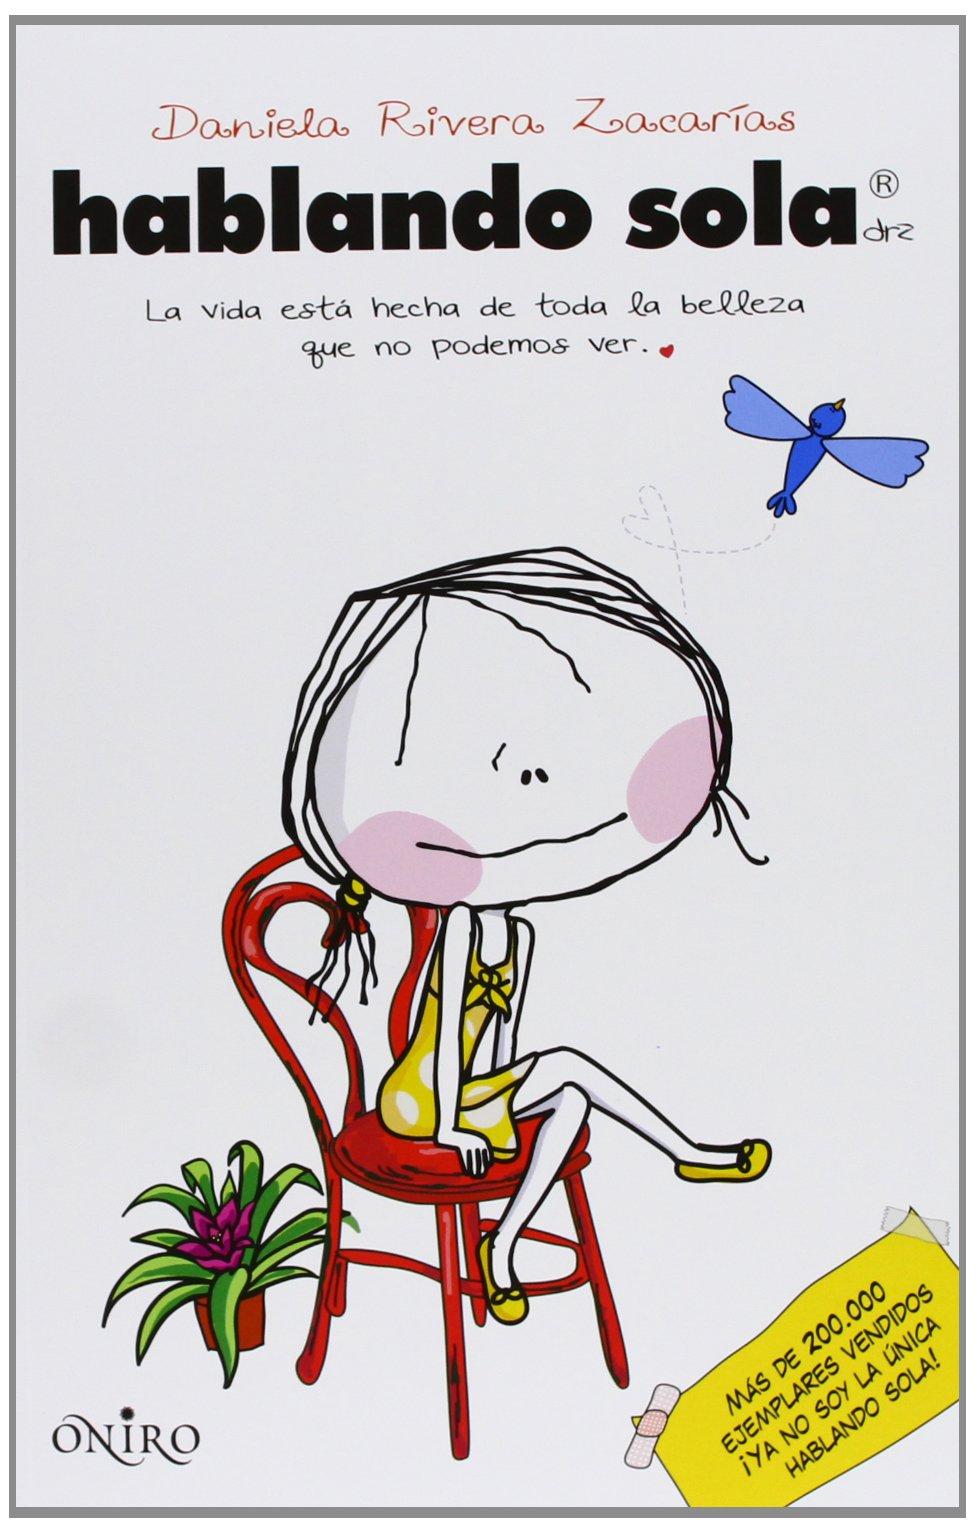 Hablando sola (Oniro juvenil): Amazon.es: Daniela Rivera Zacarías: Libros